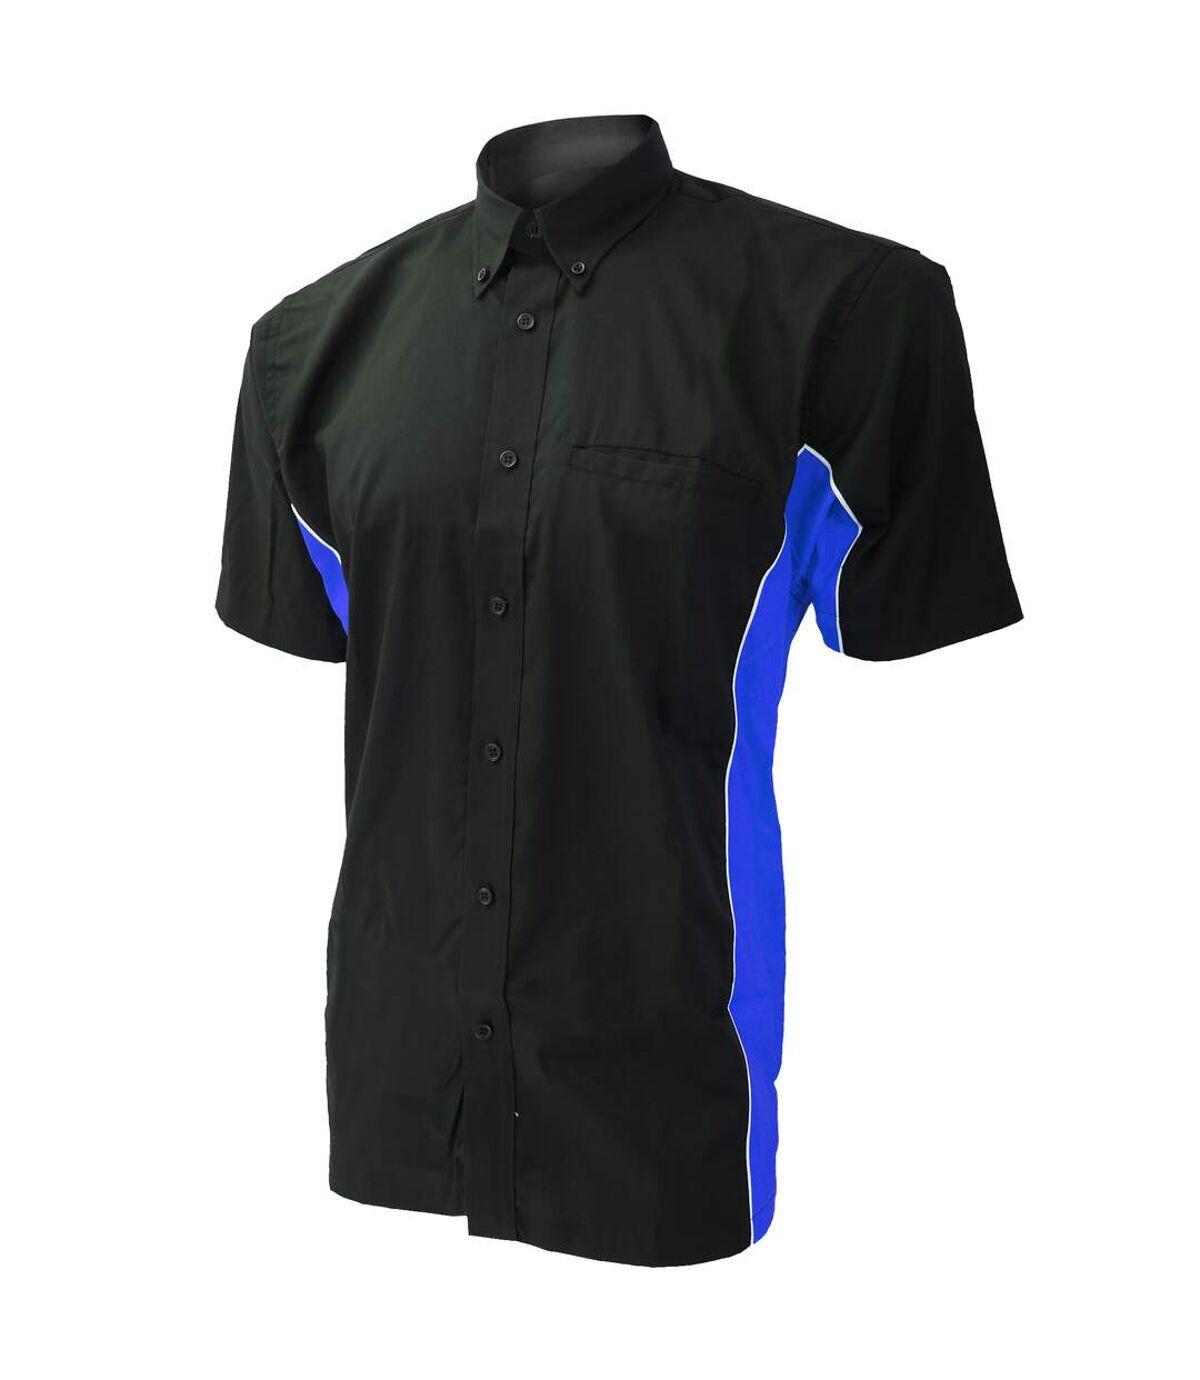 Polo à manches courtes Gamegear® Sportsman pour homme (Noir/Gris argent/Blanc) - UTBC410